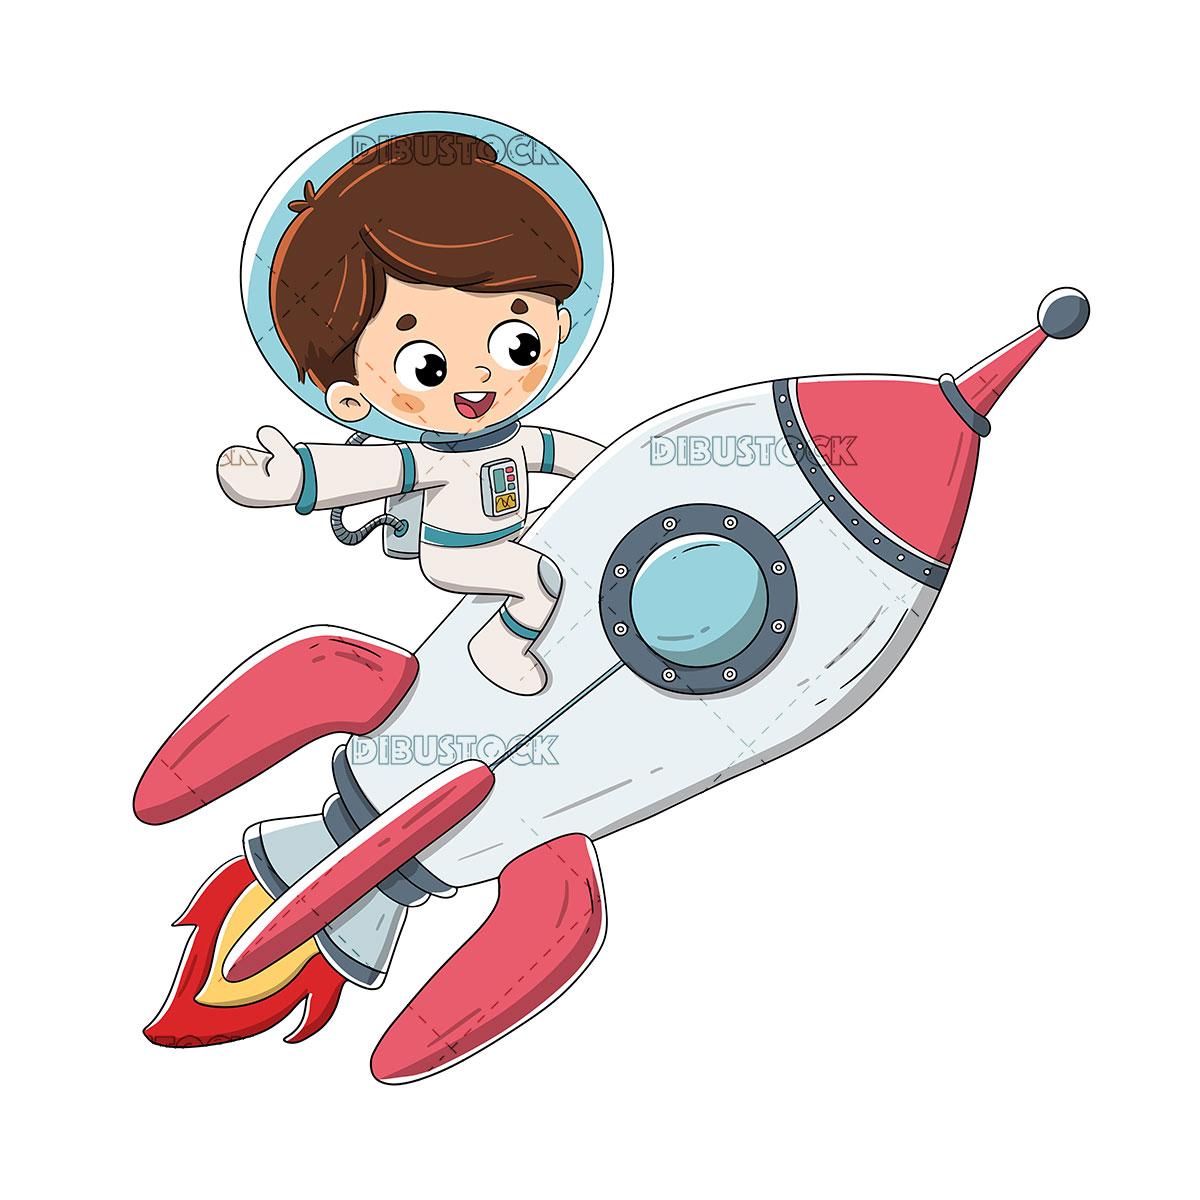 Boy sitting on a rocket flying through space